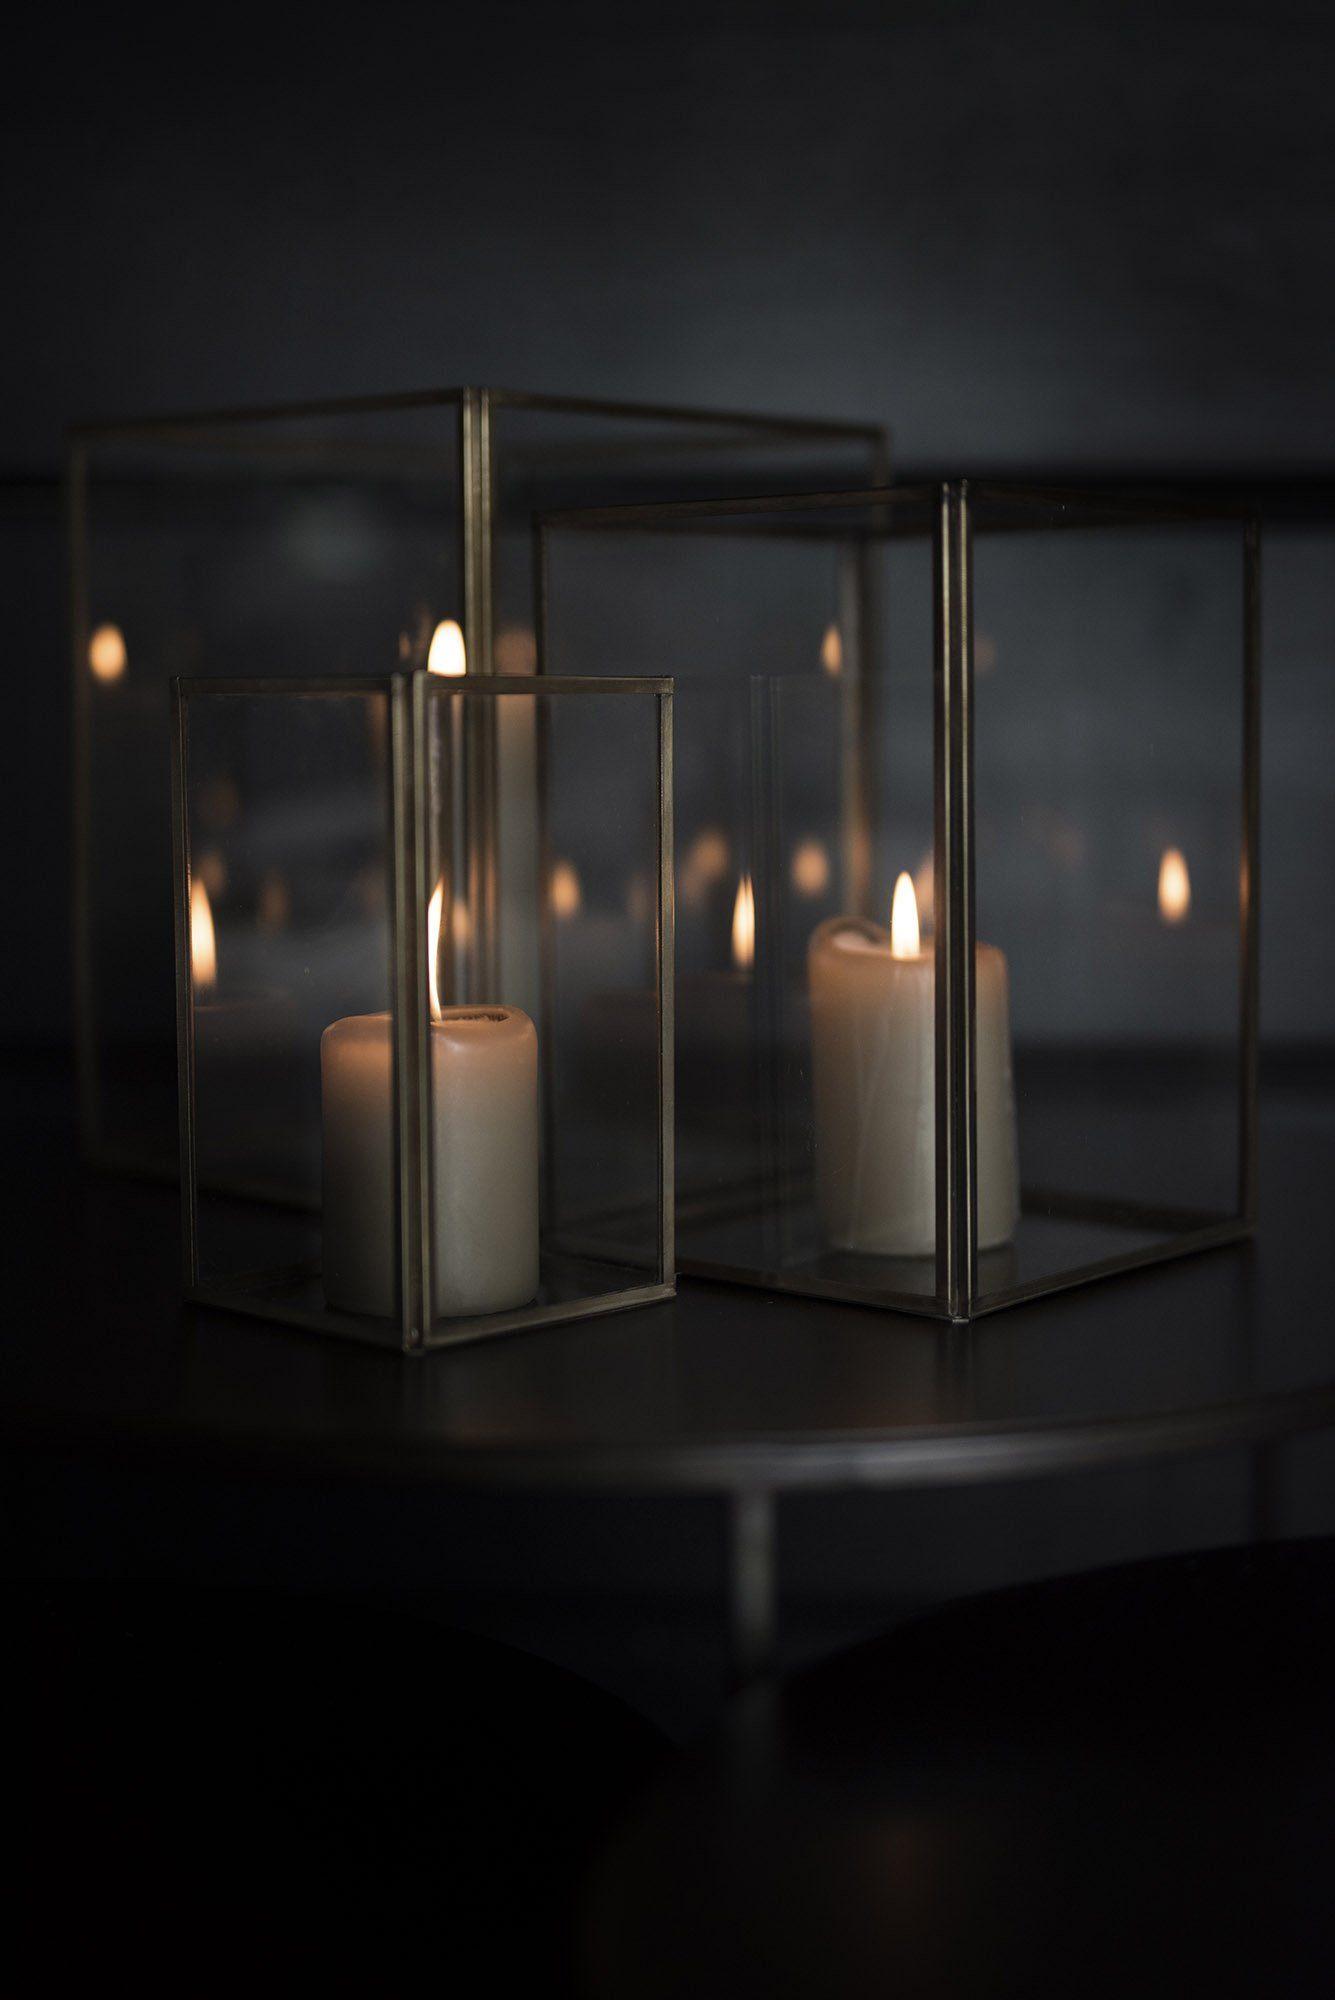 Lausanne ljuslyktor från Artwood.